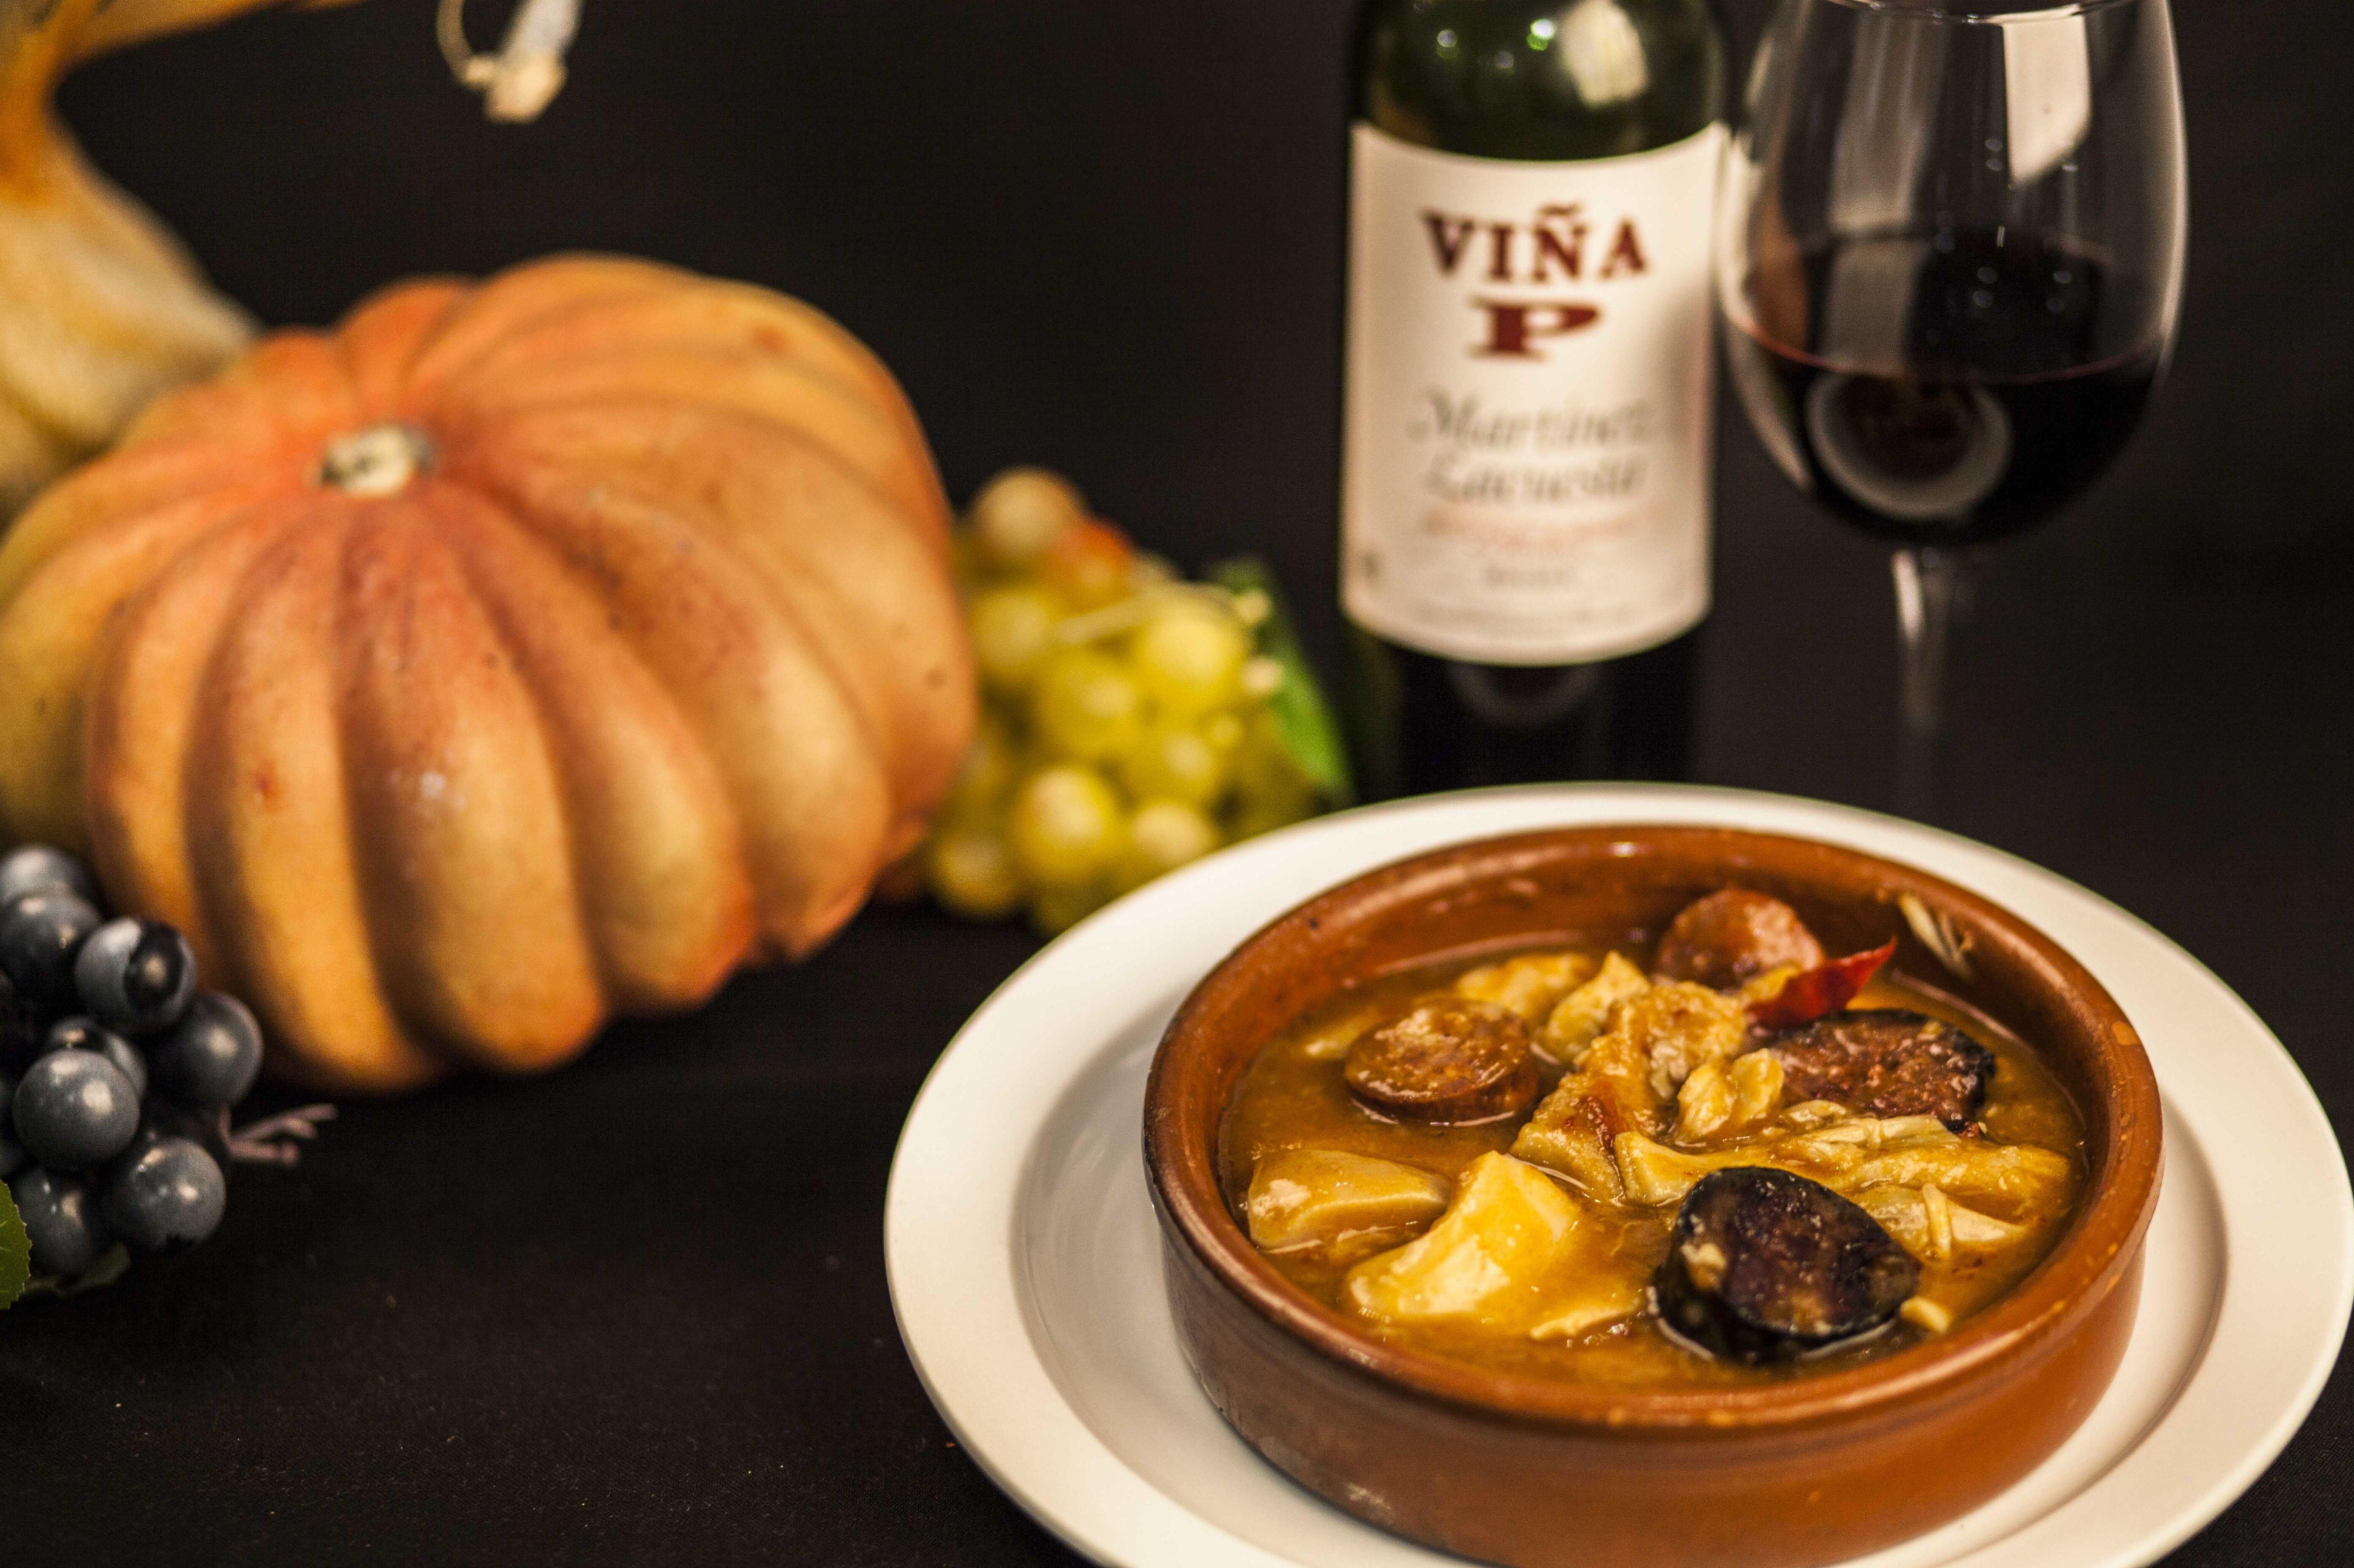 Foto 15 de Restaurante en Madrid | Restaurante Viña P